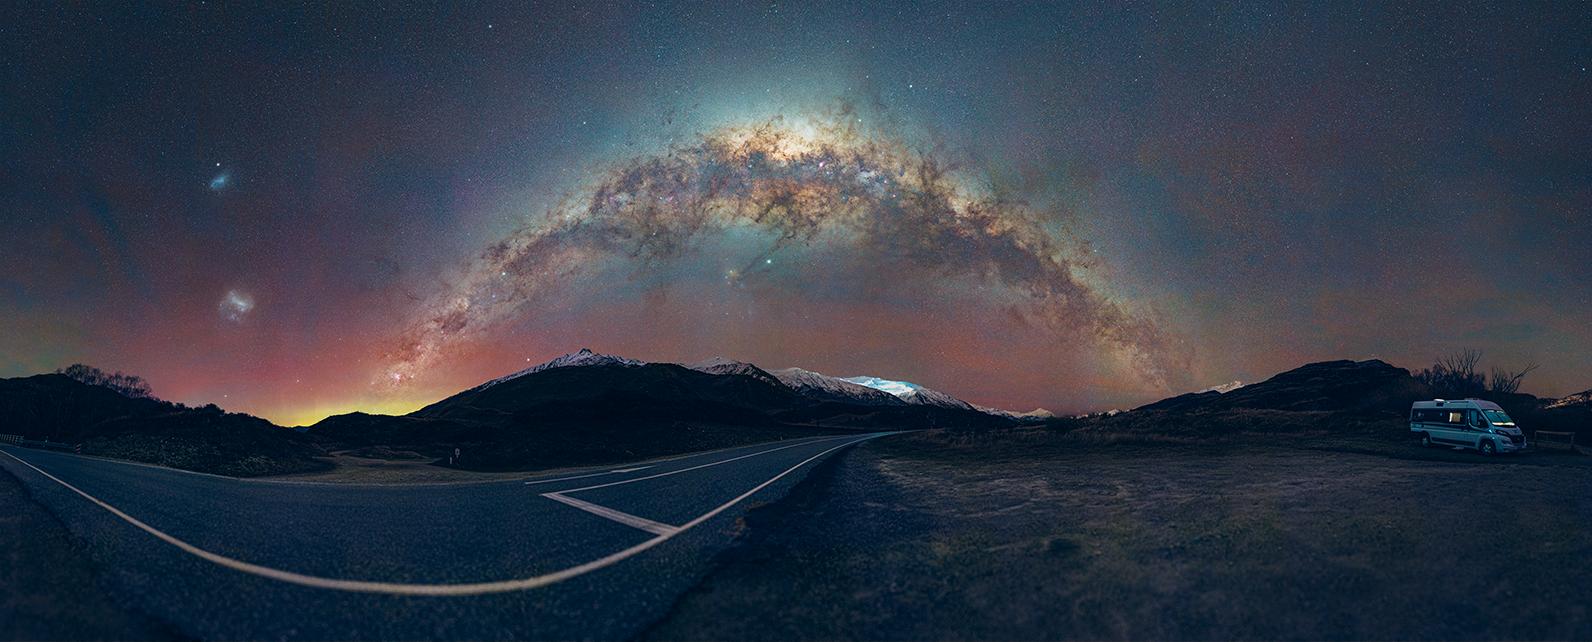 Milky Way near Wanaka